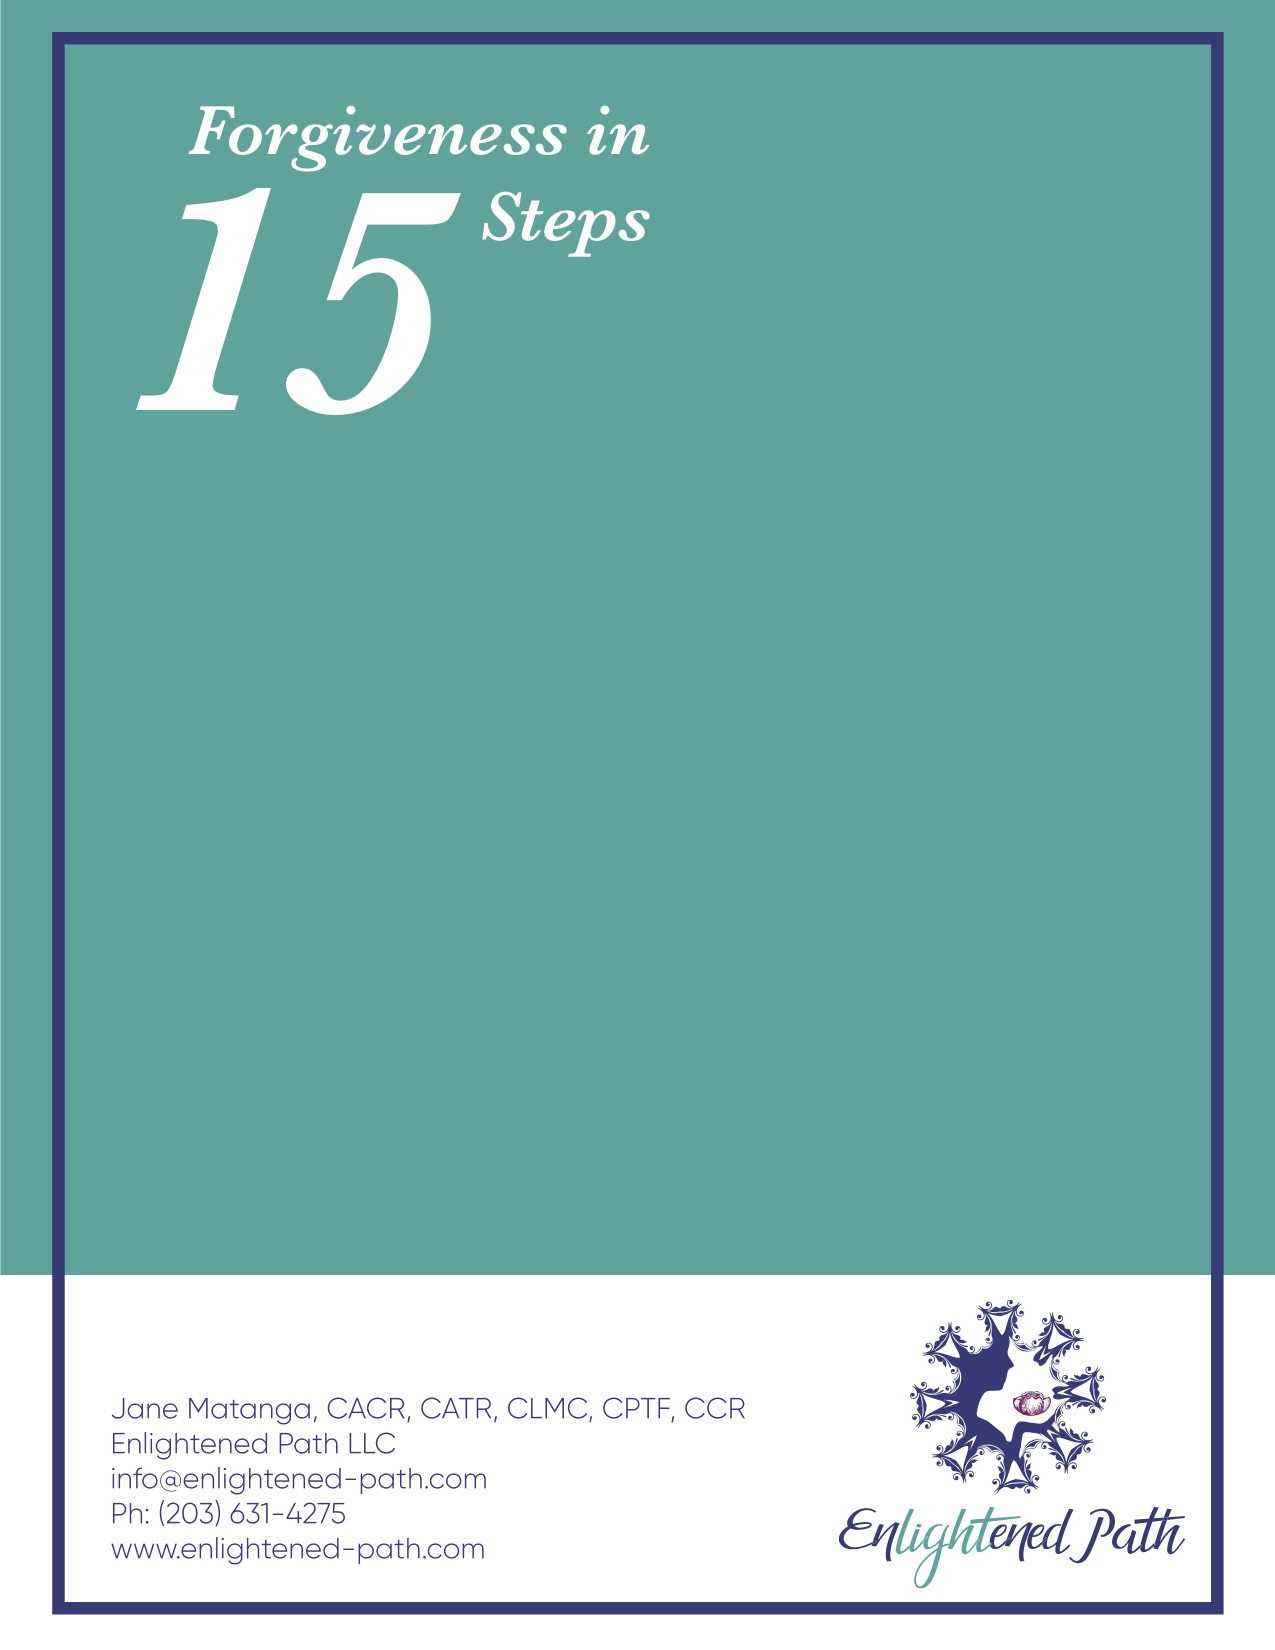 15 Steps for Forgiveness 1.jpg